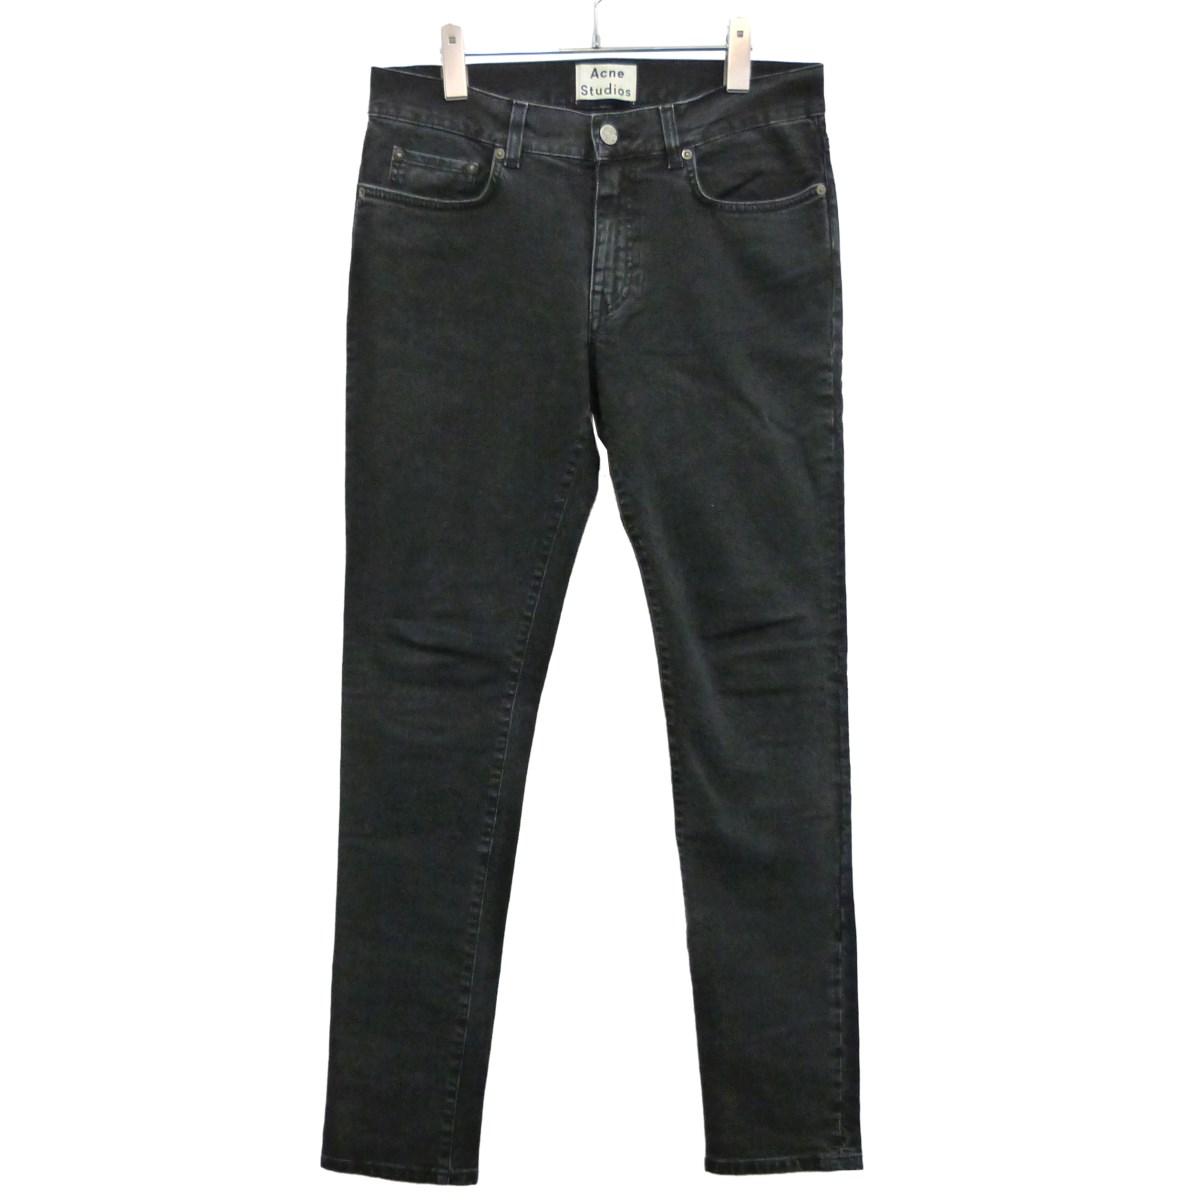 【中古】ACNE STUDIOS 「THIN USED NOIR」デニムパンツ ブラック サイズ:31×32 【271219】(アクネストゥディオズ)